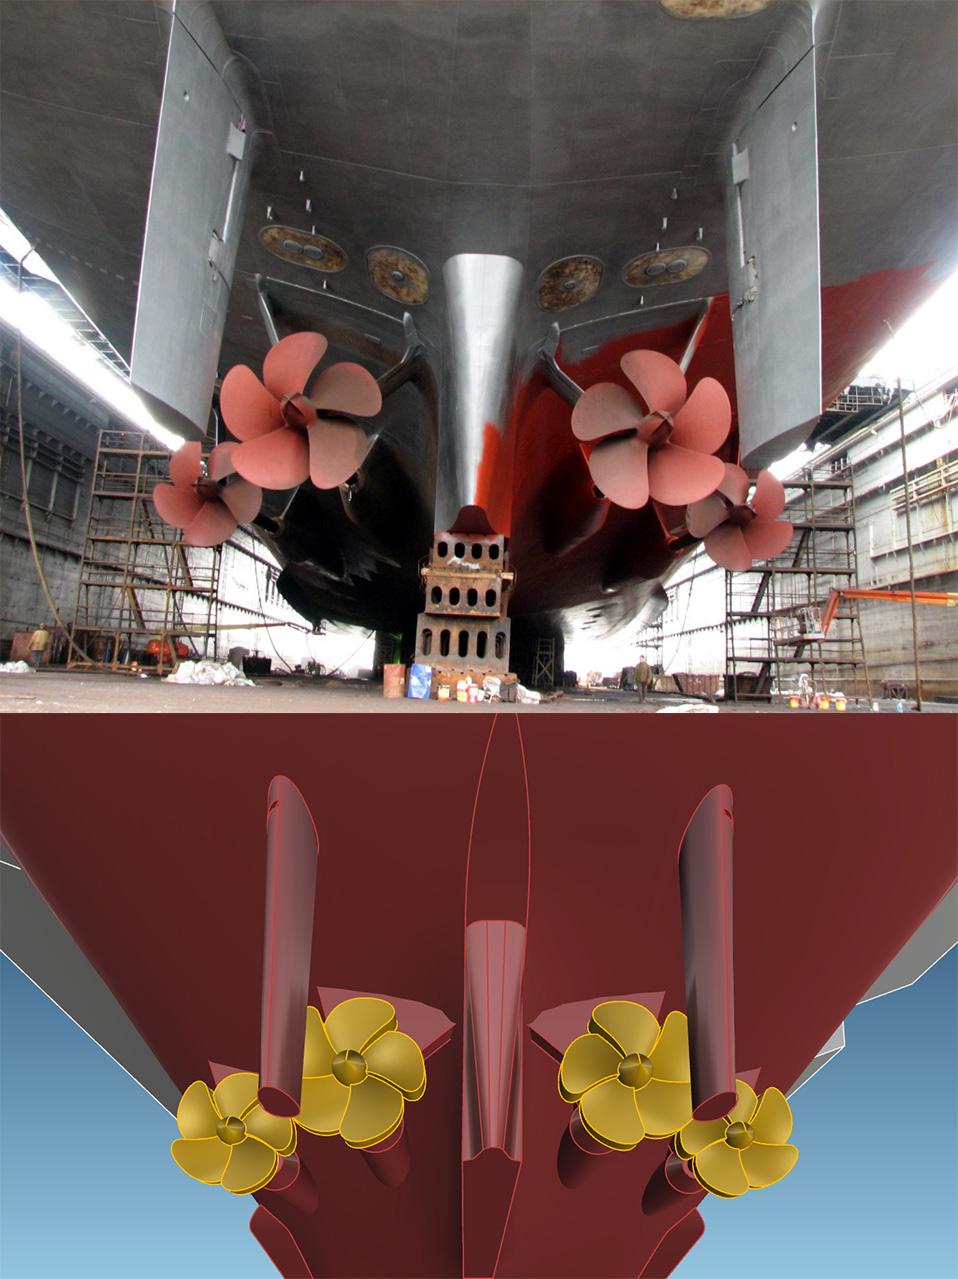 7尾龙骨和螺旋桨形状.jpg